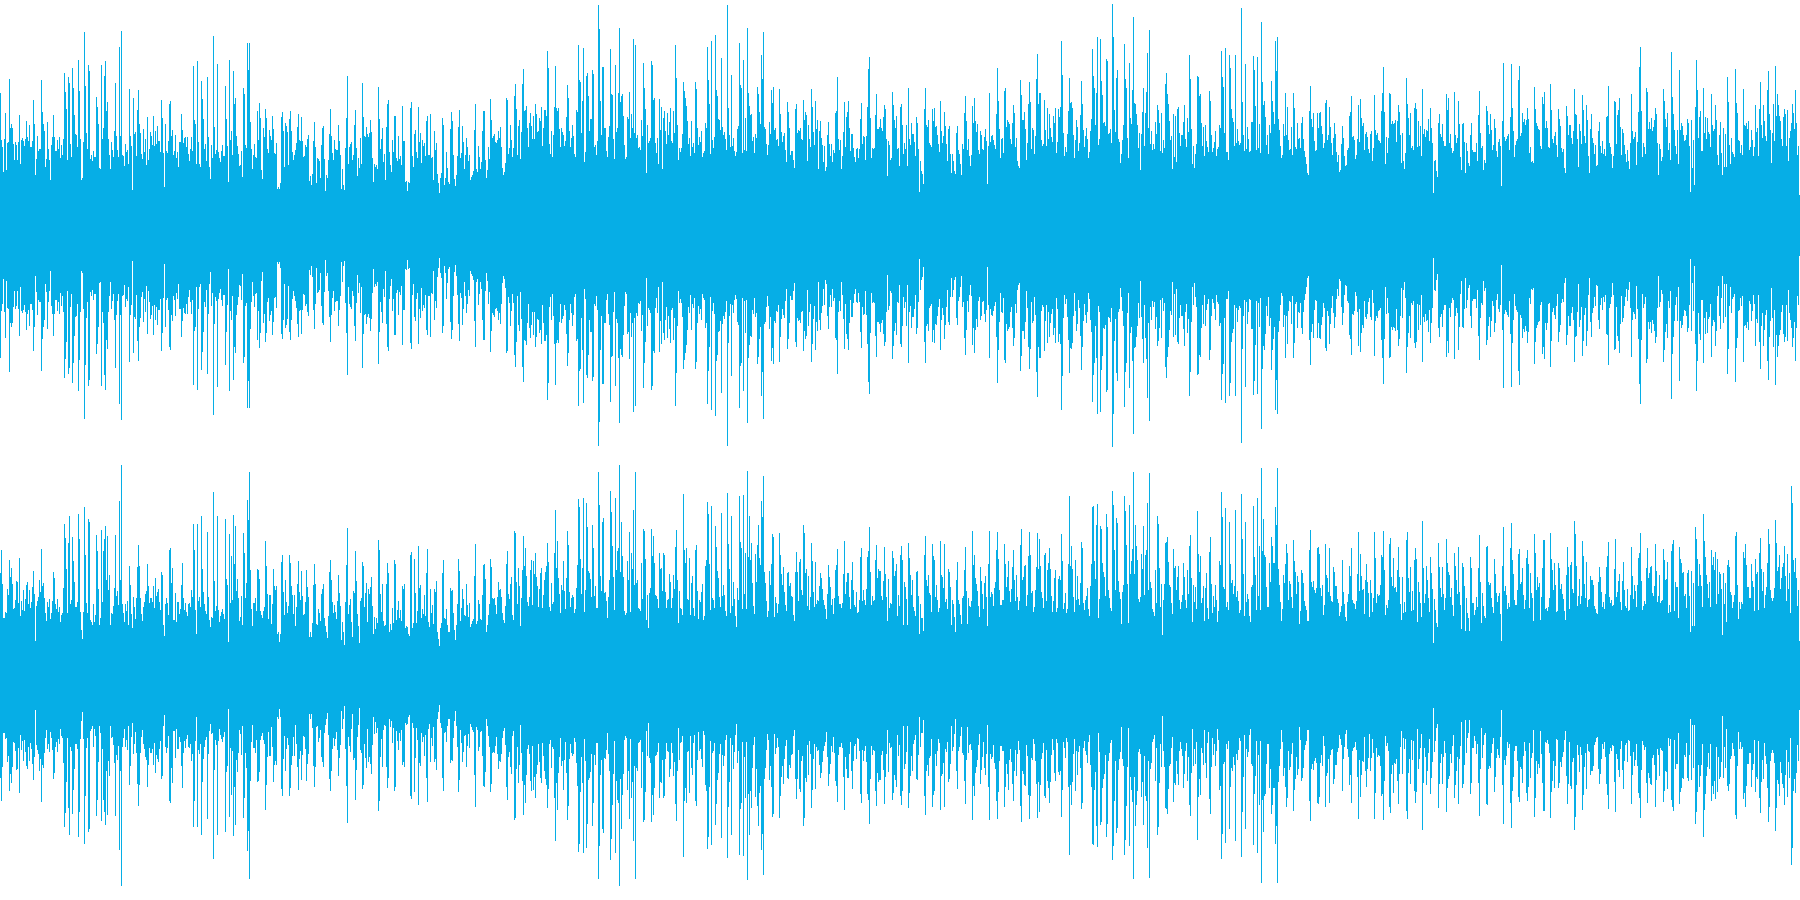 144bpm、E-Maj、クリーンギターの再生済みの波形